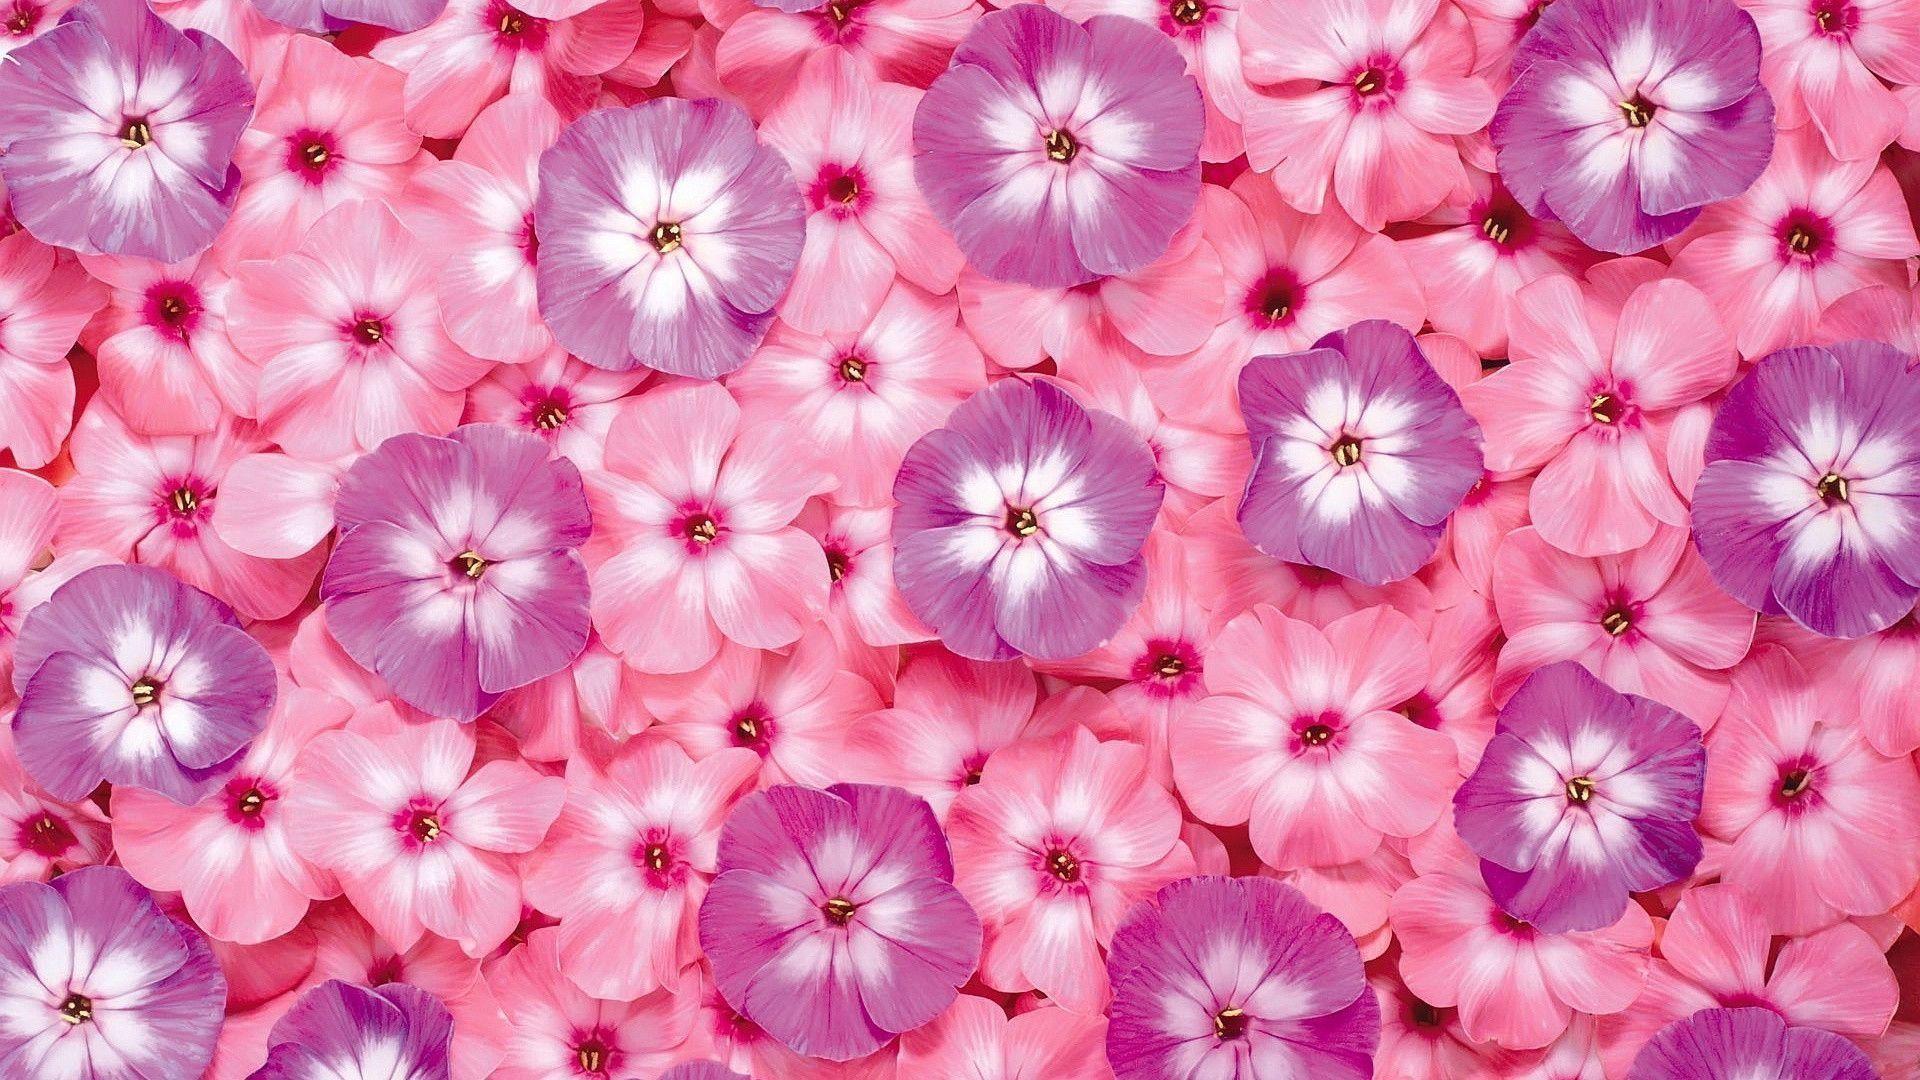 Pink Desktop Backgrounds 53 Images